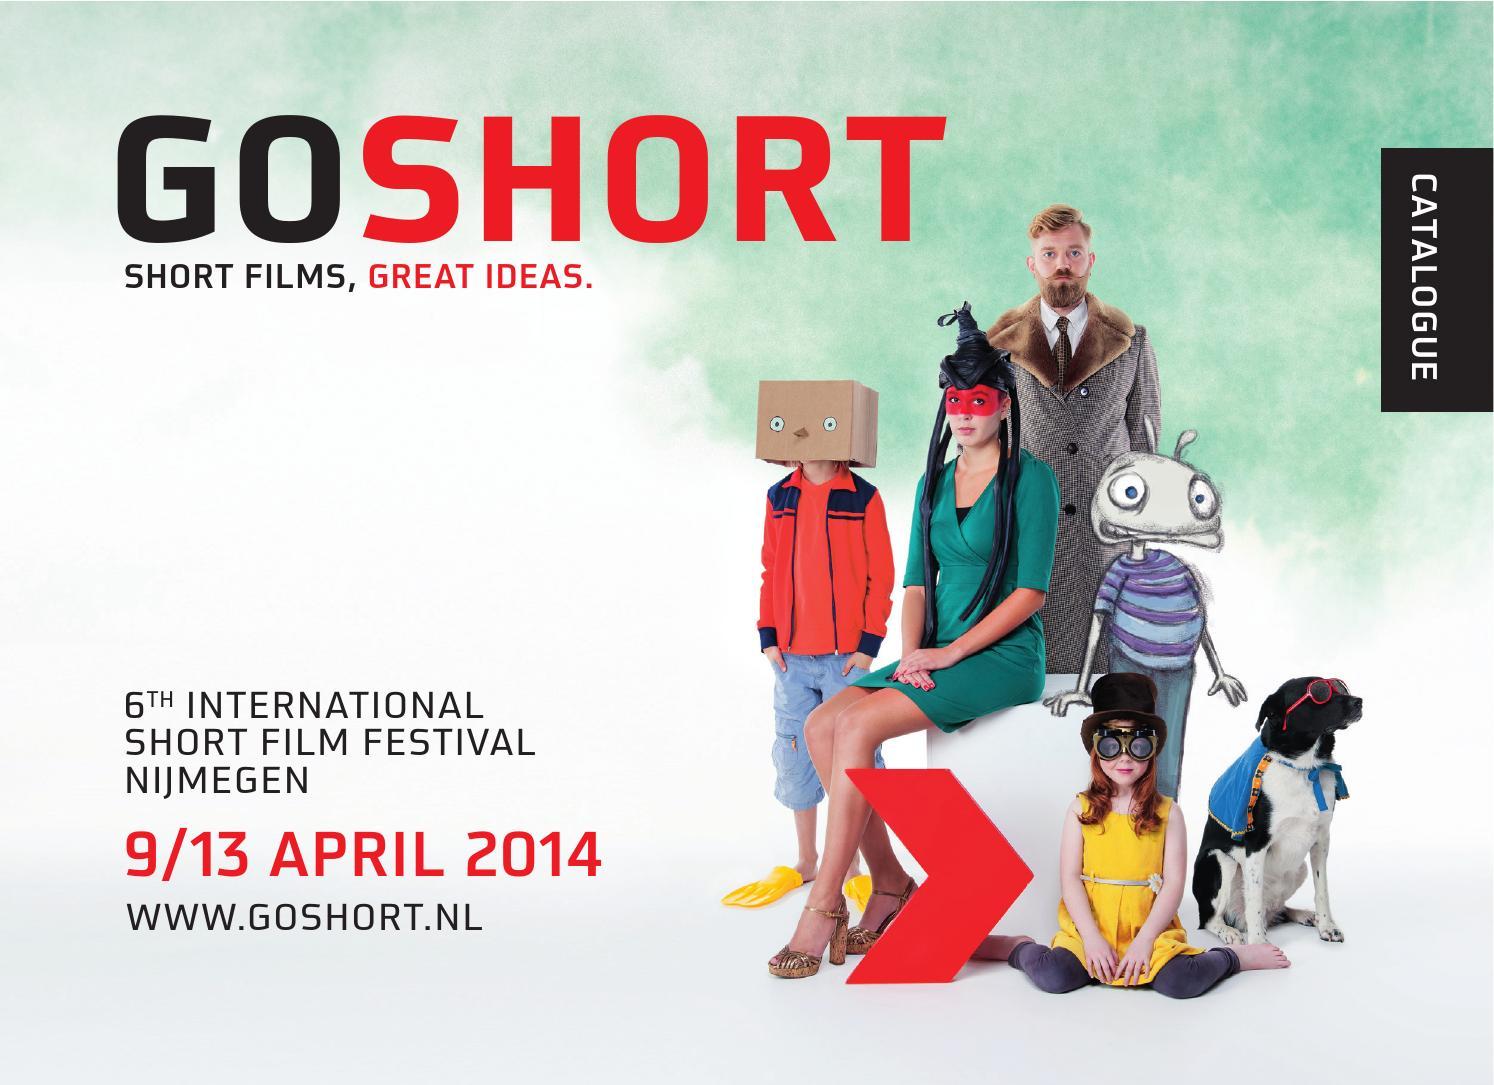 Ainhoa Madrid David Moreno Porno catalogue - go short 2014go short - international short